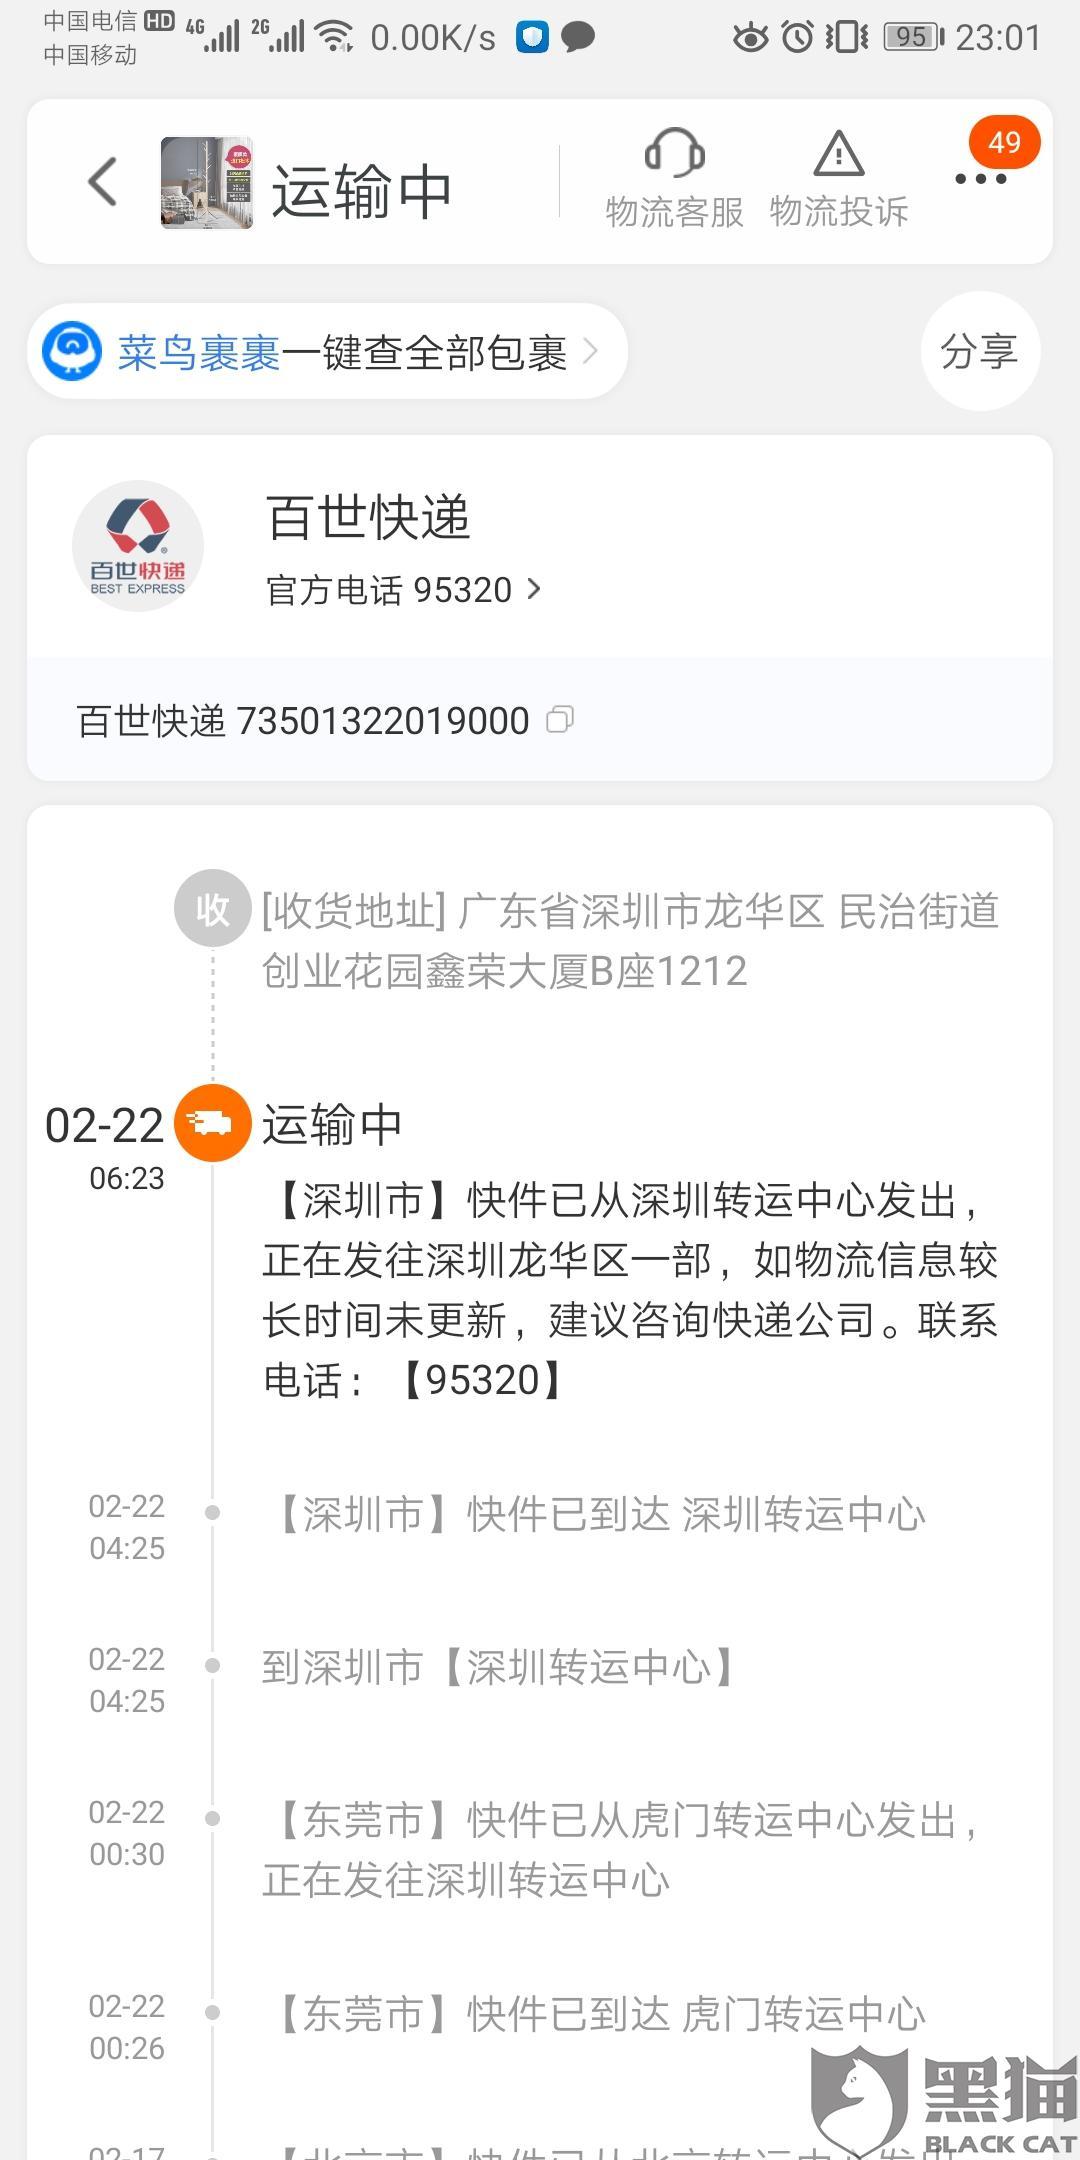 黑猫投诉:百世汇通快递深圳转运中心延误